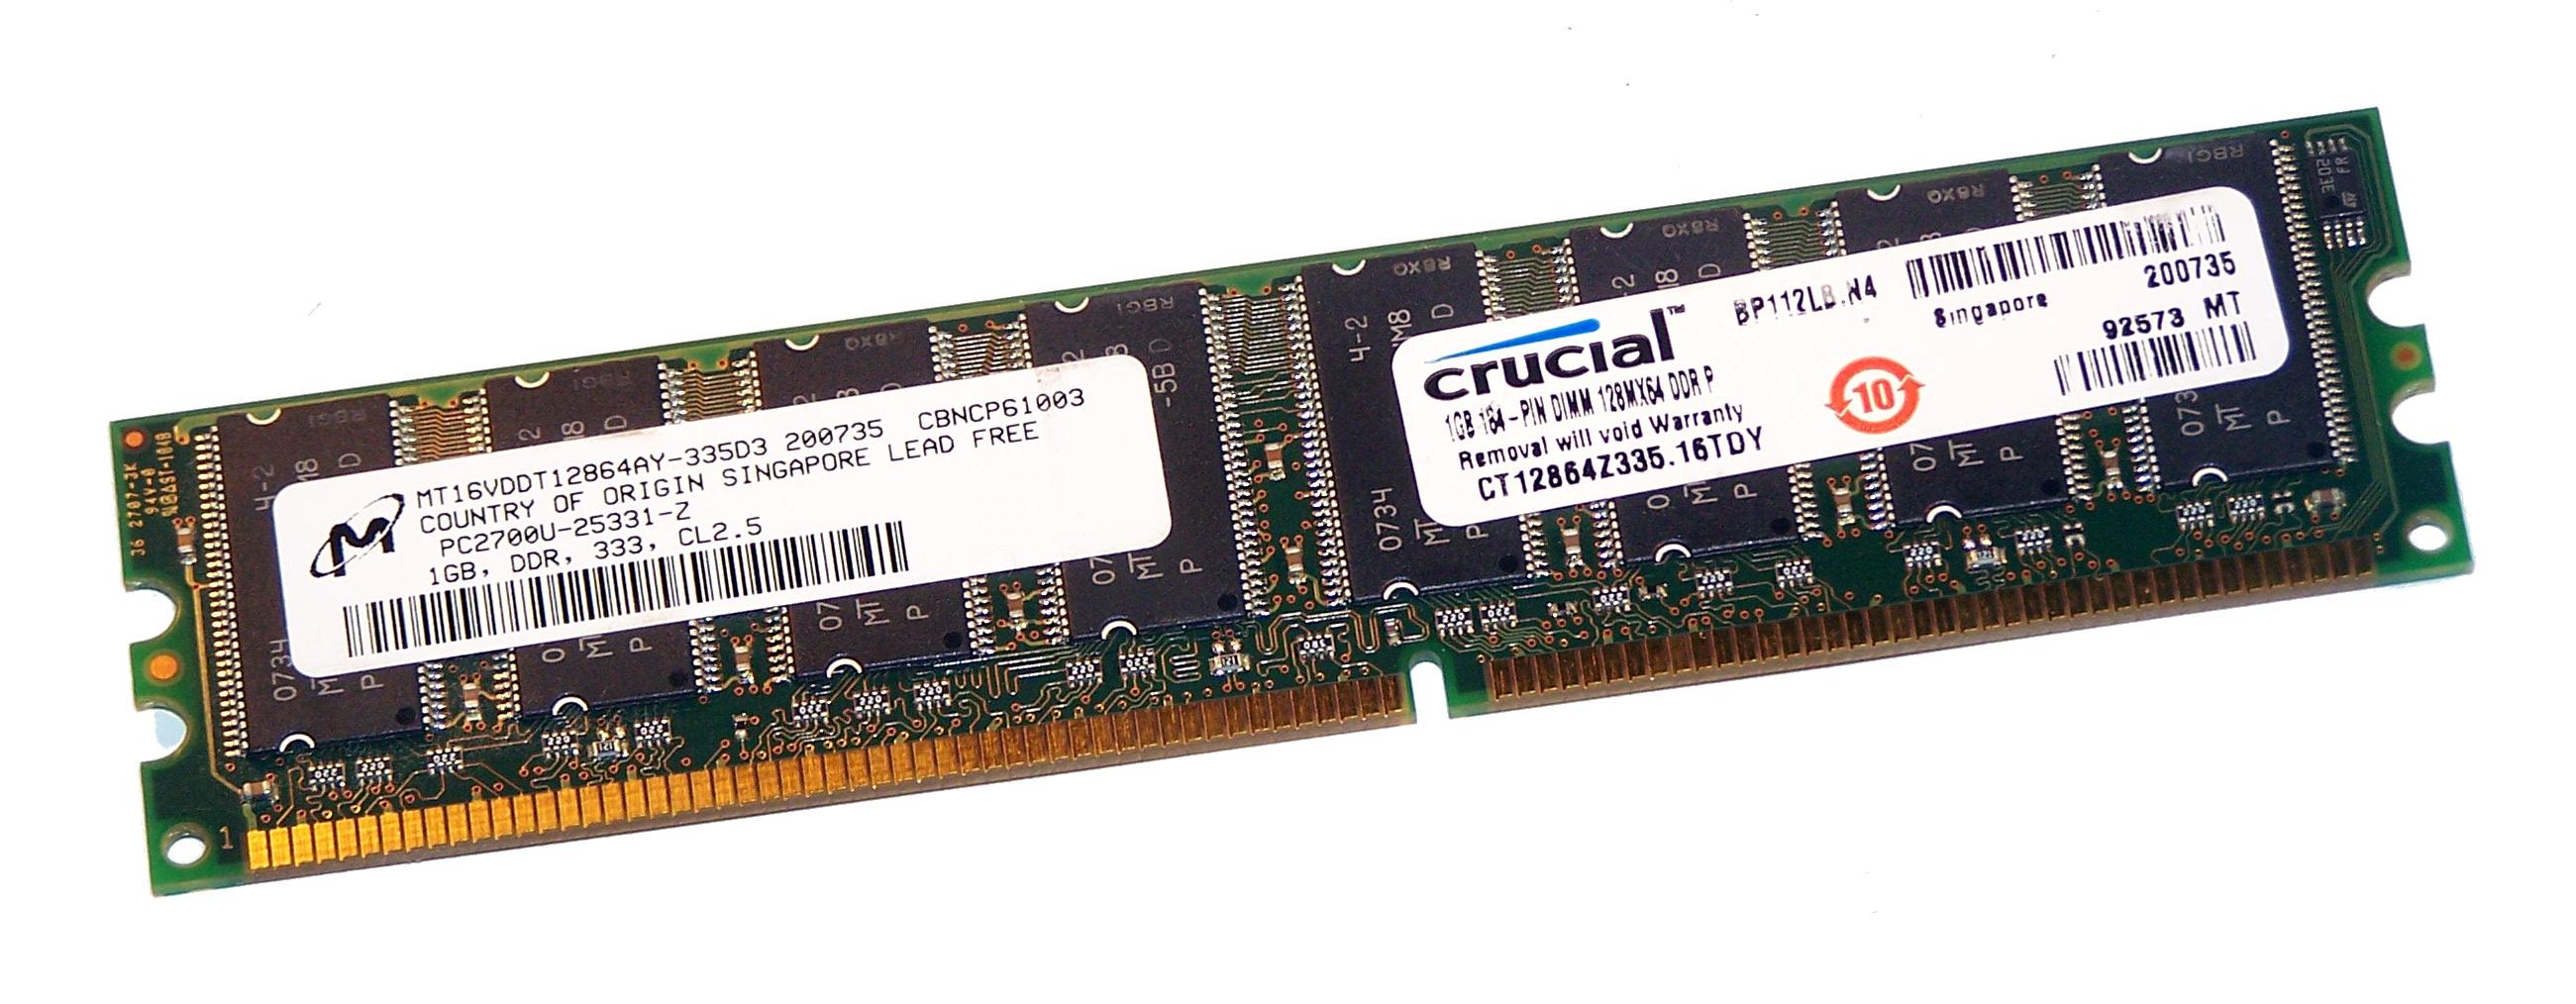 1GB 184 Pin DIMM PC2700U 1GB DDR 333 128Mx64 DDR